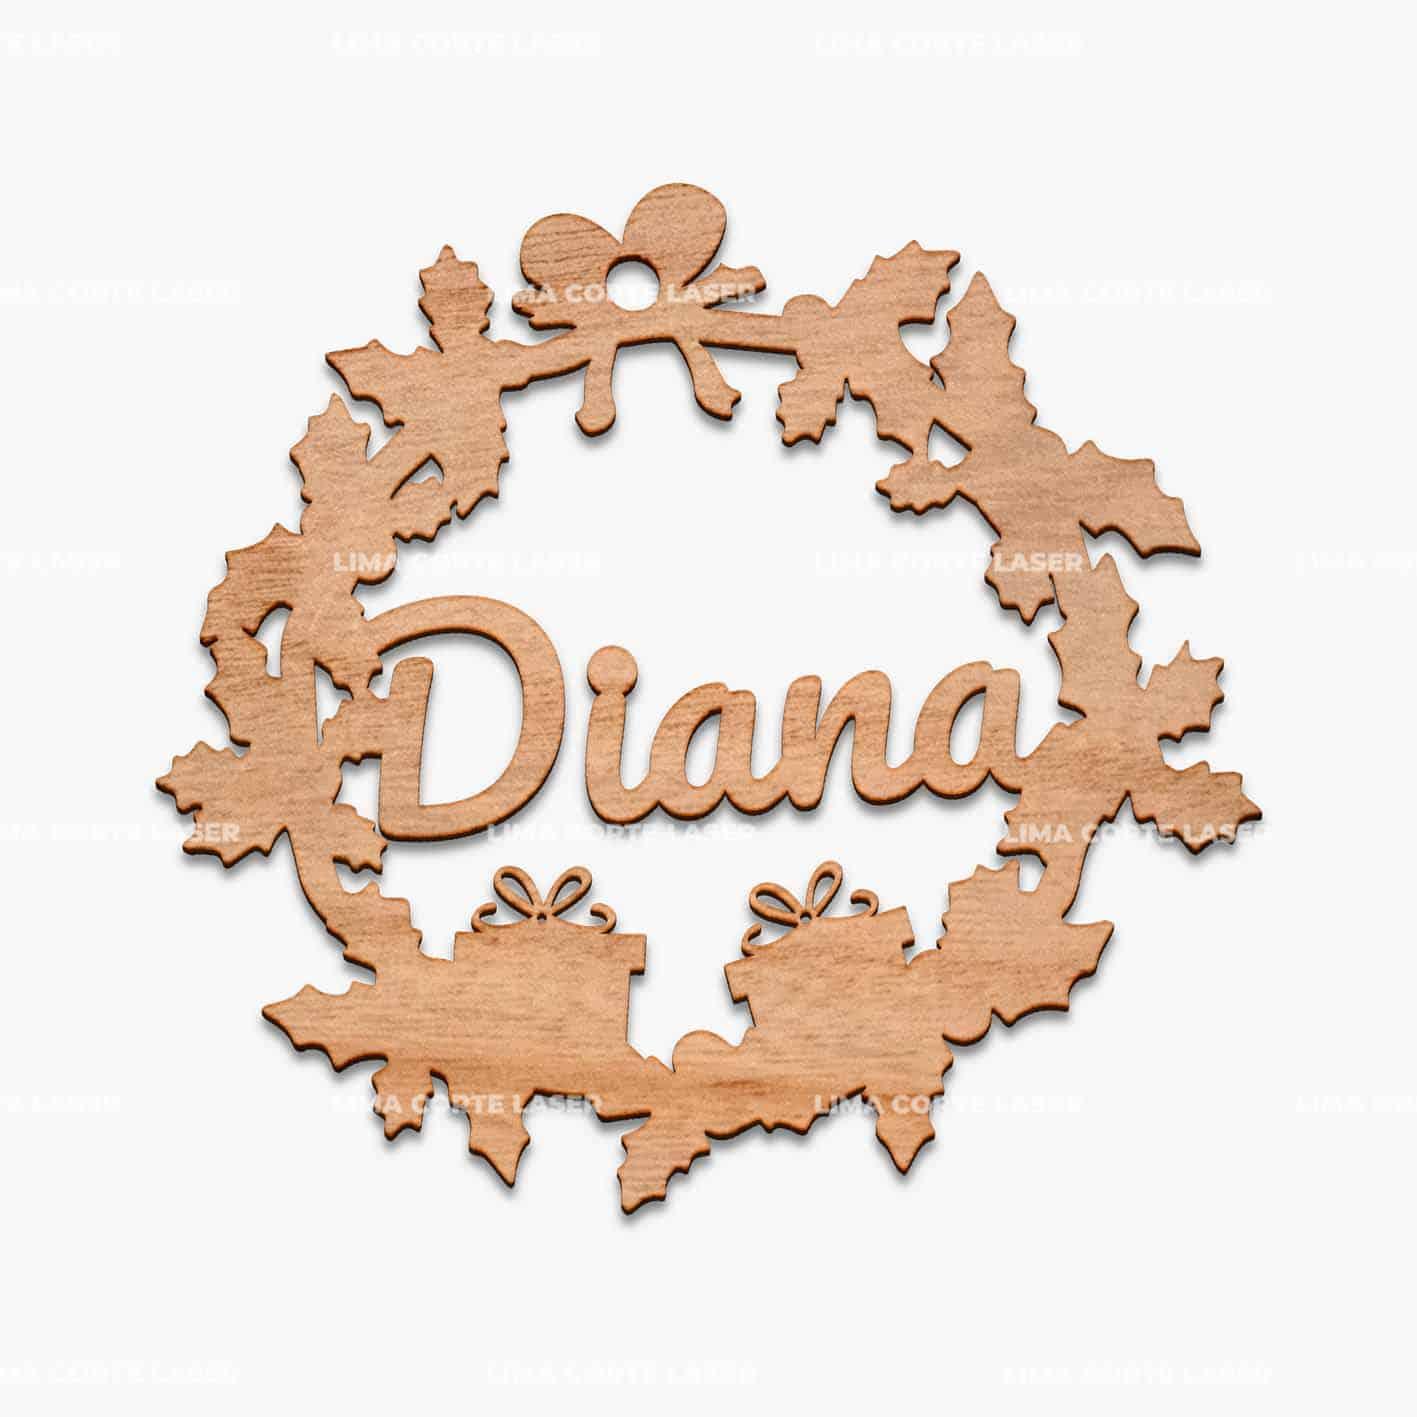 Adorno navideño personalizado con forma de corona de hojas con nombre Diana